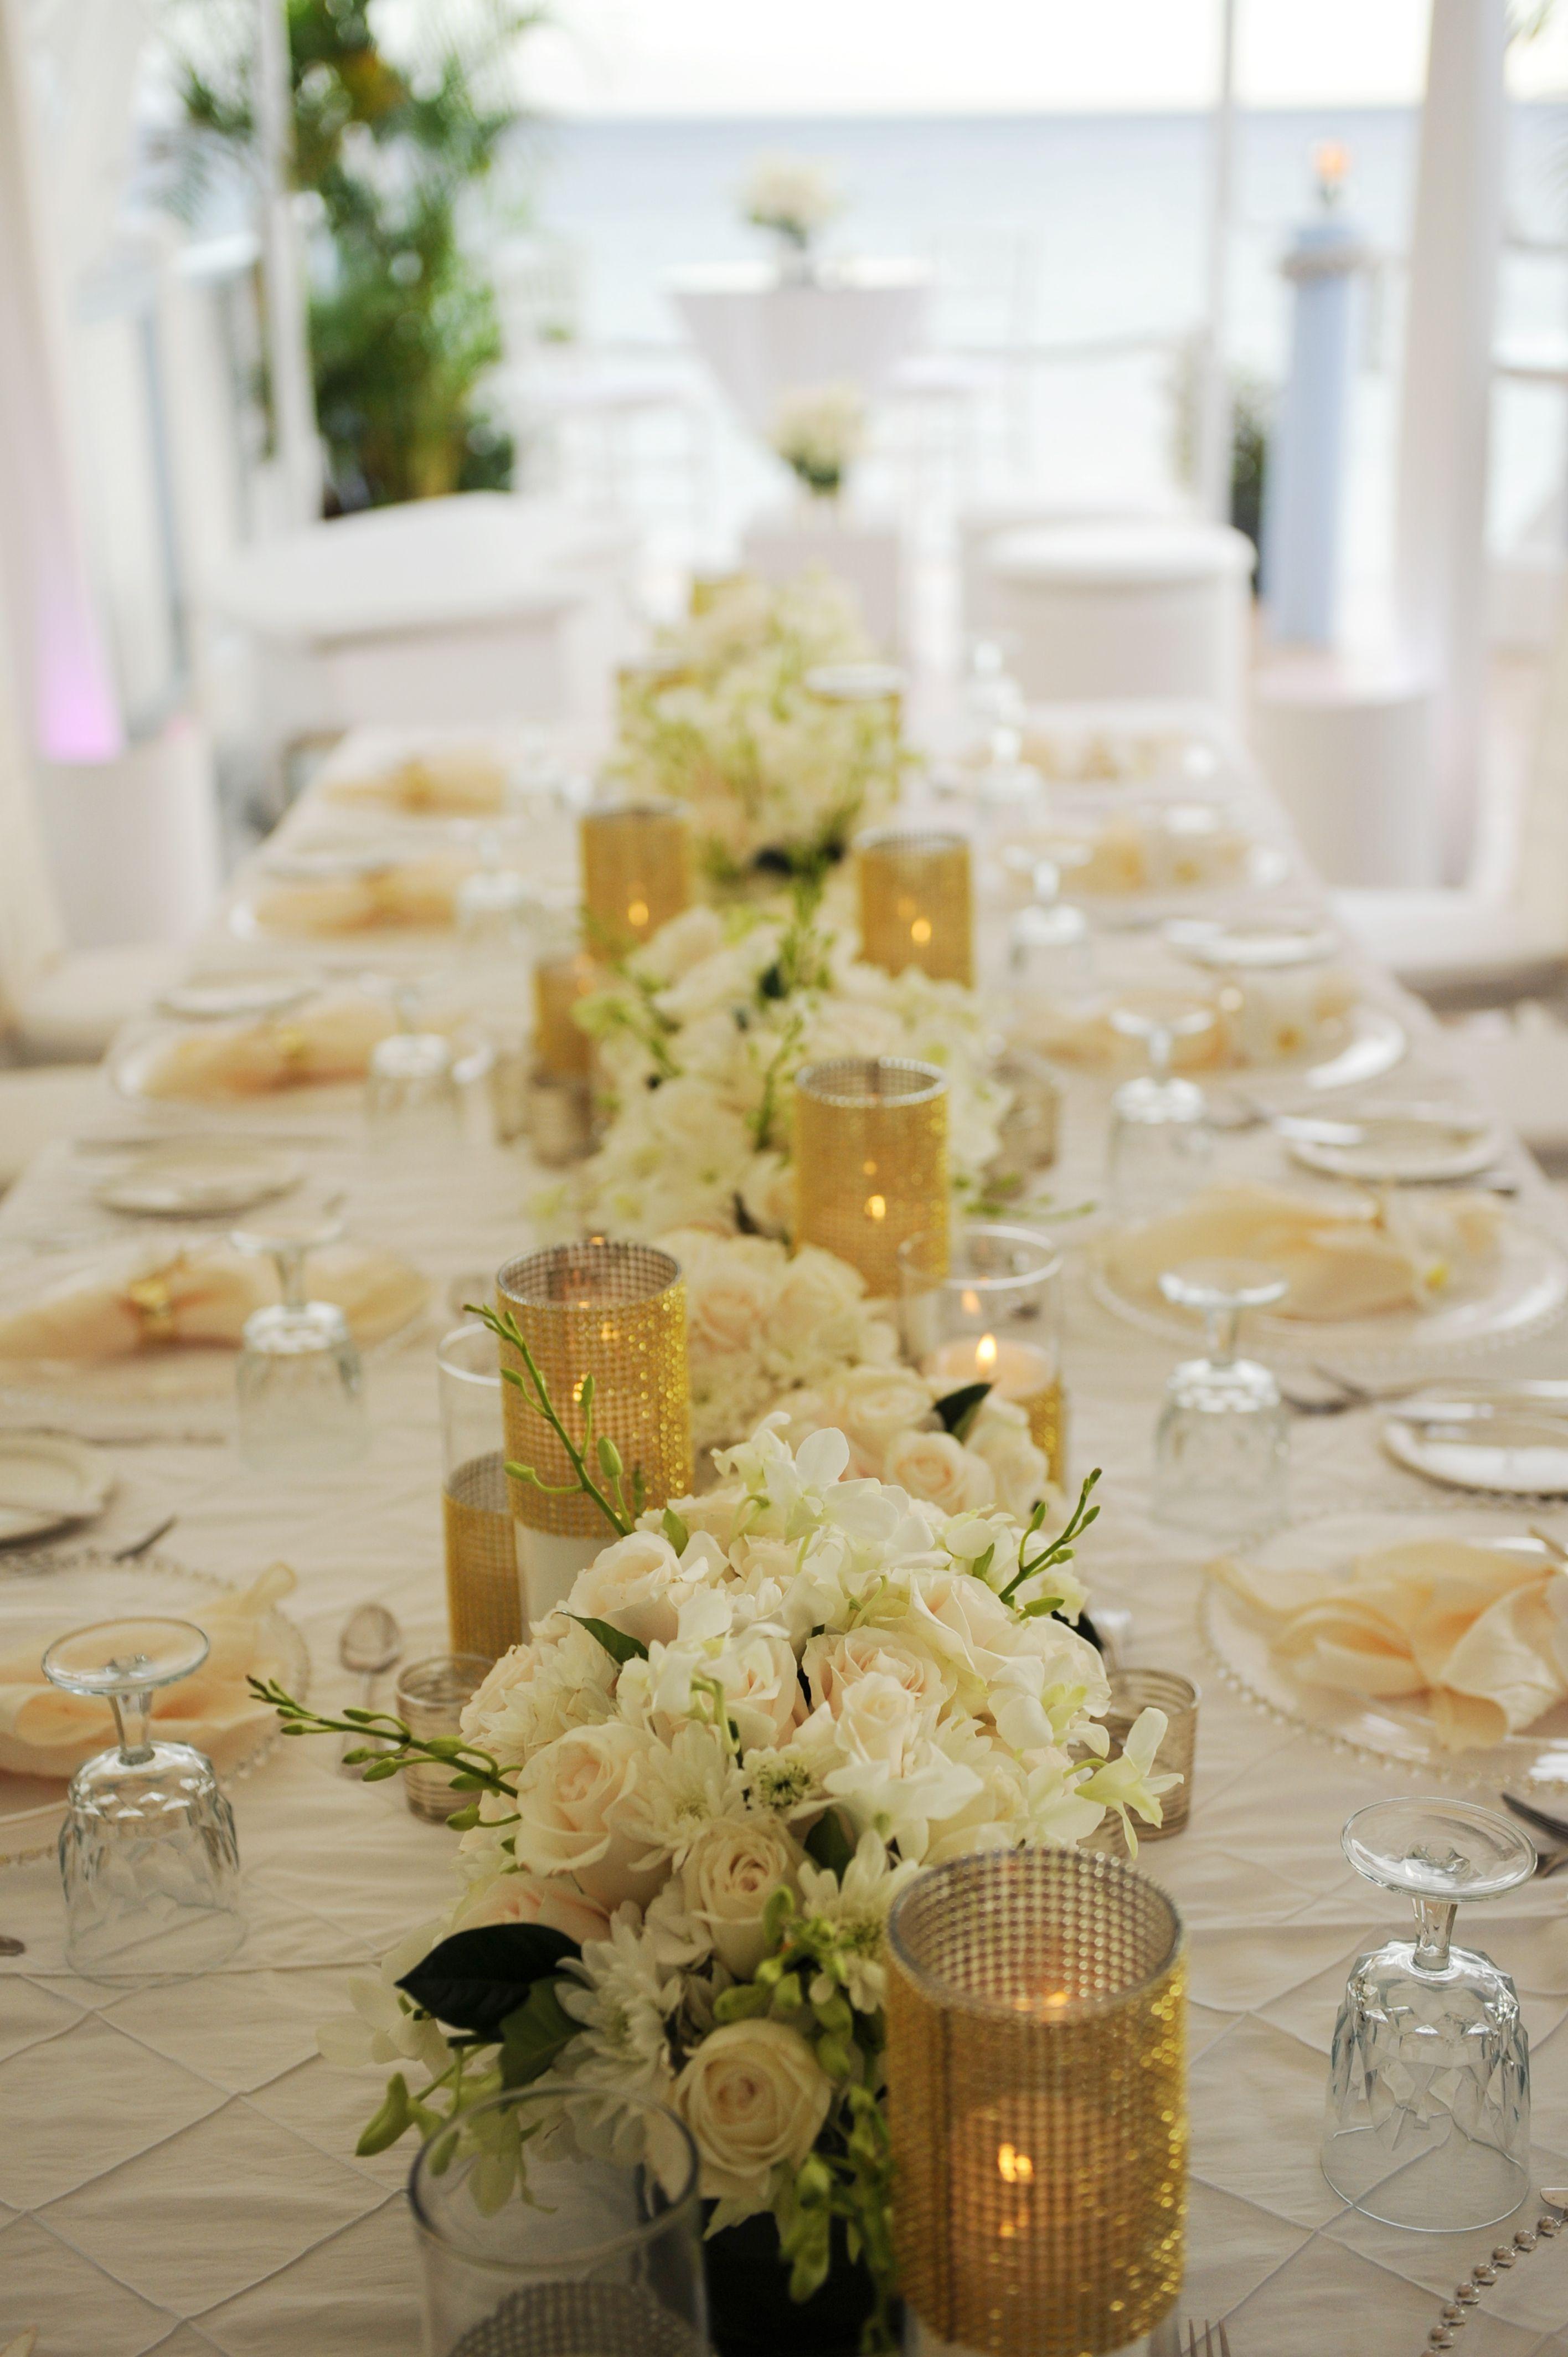 Parfait Weddings Events Australia Hobart Wedding Tasmanian Planner Tasmania Floral And Decor